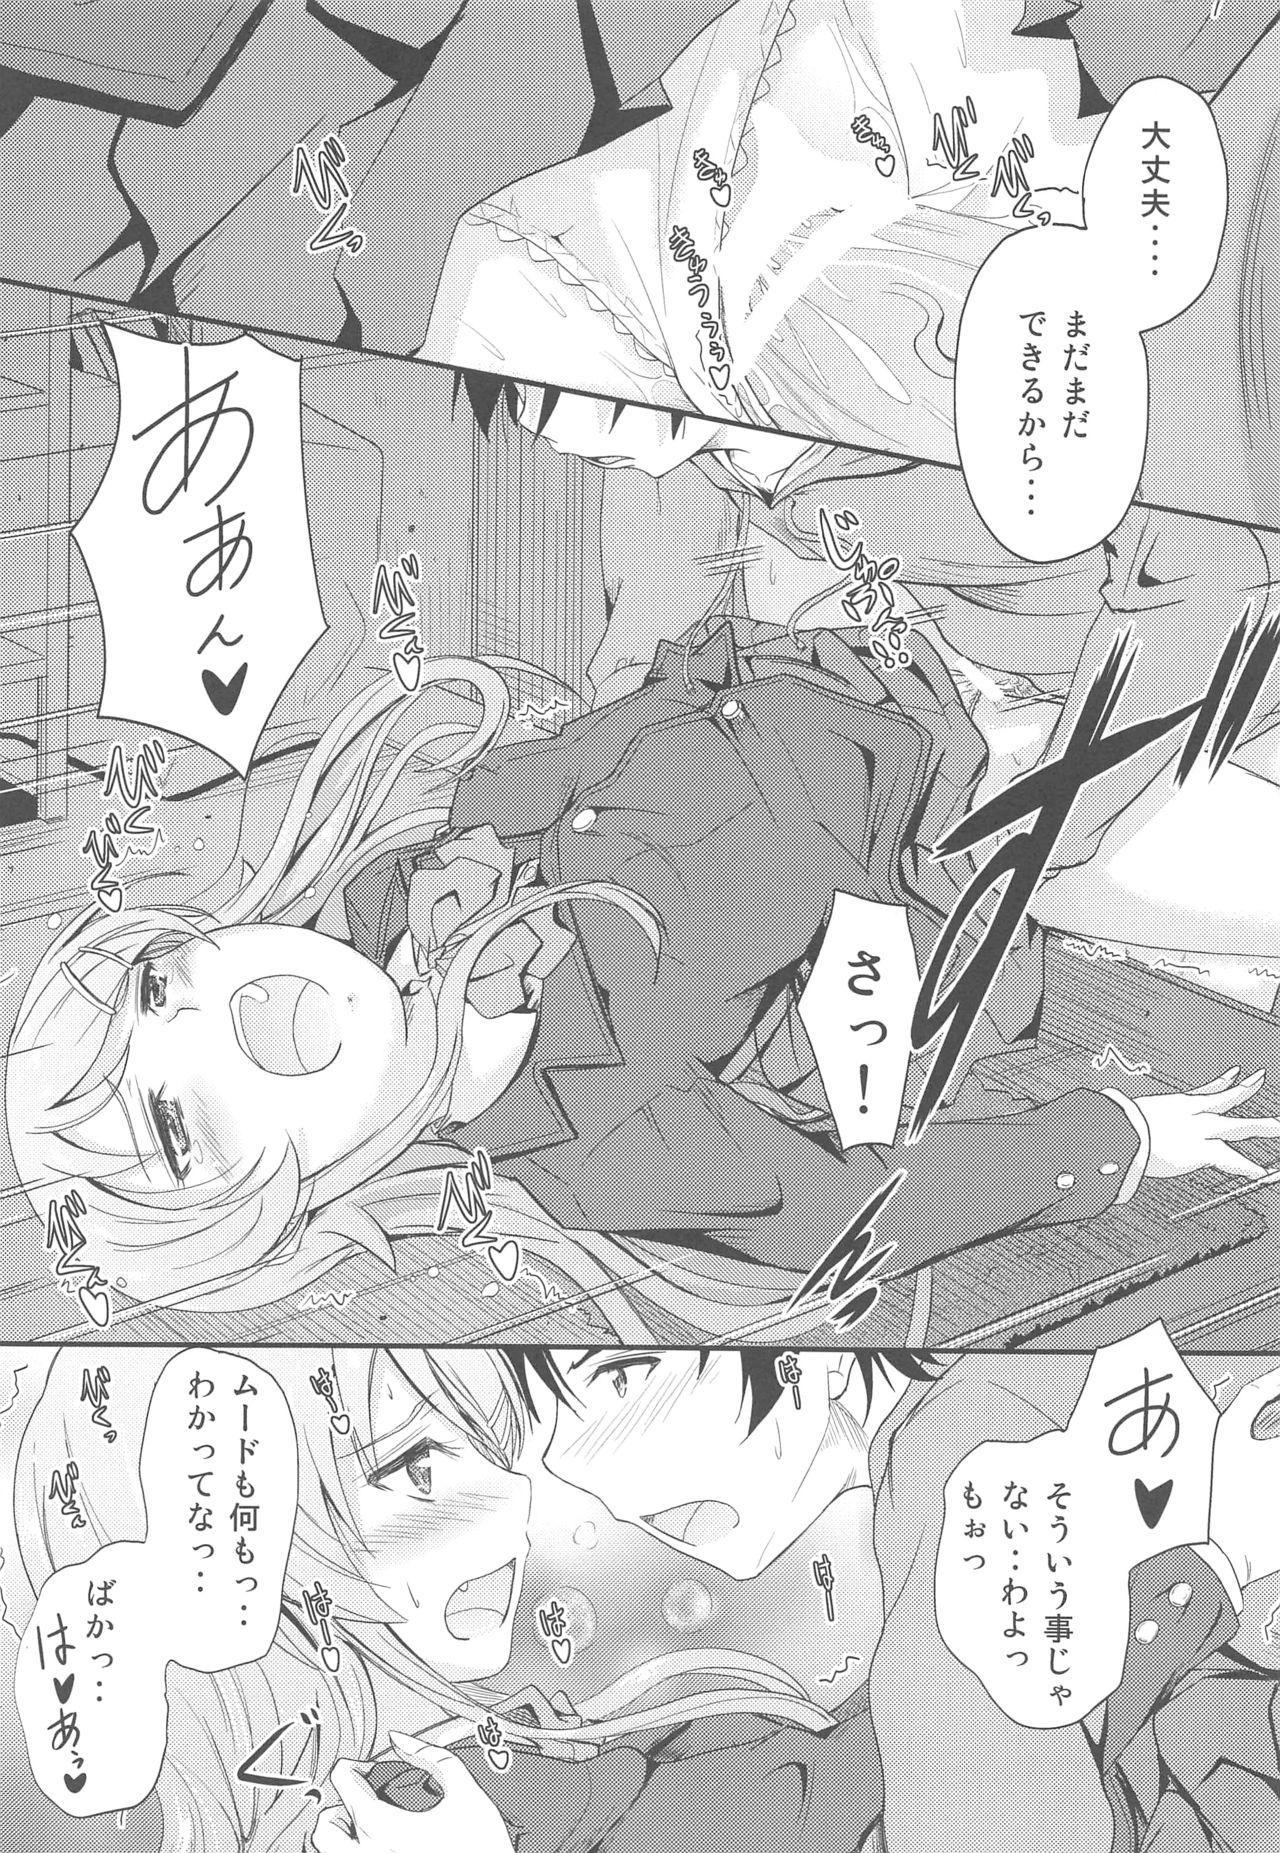 Fuku o Shinchou Suru Tabi ni Aniki ga Koufun Shitekite Chou Uzain desu kedo? 12